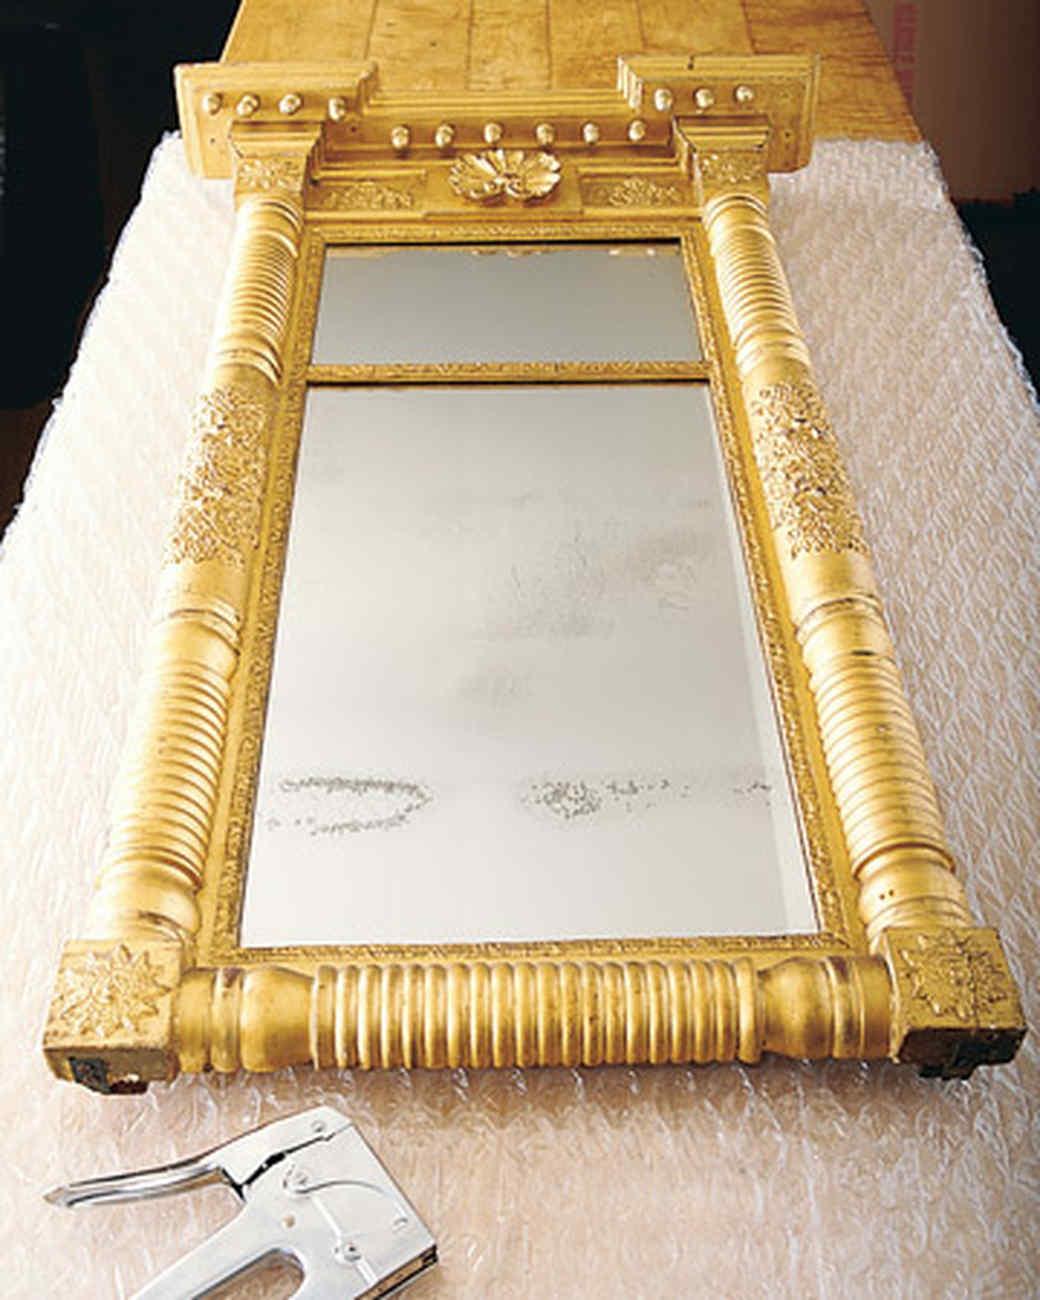 mla103230_0907_mirror.jpg